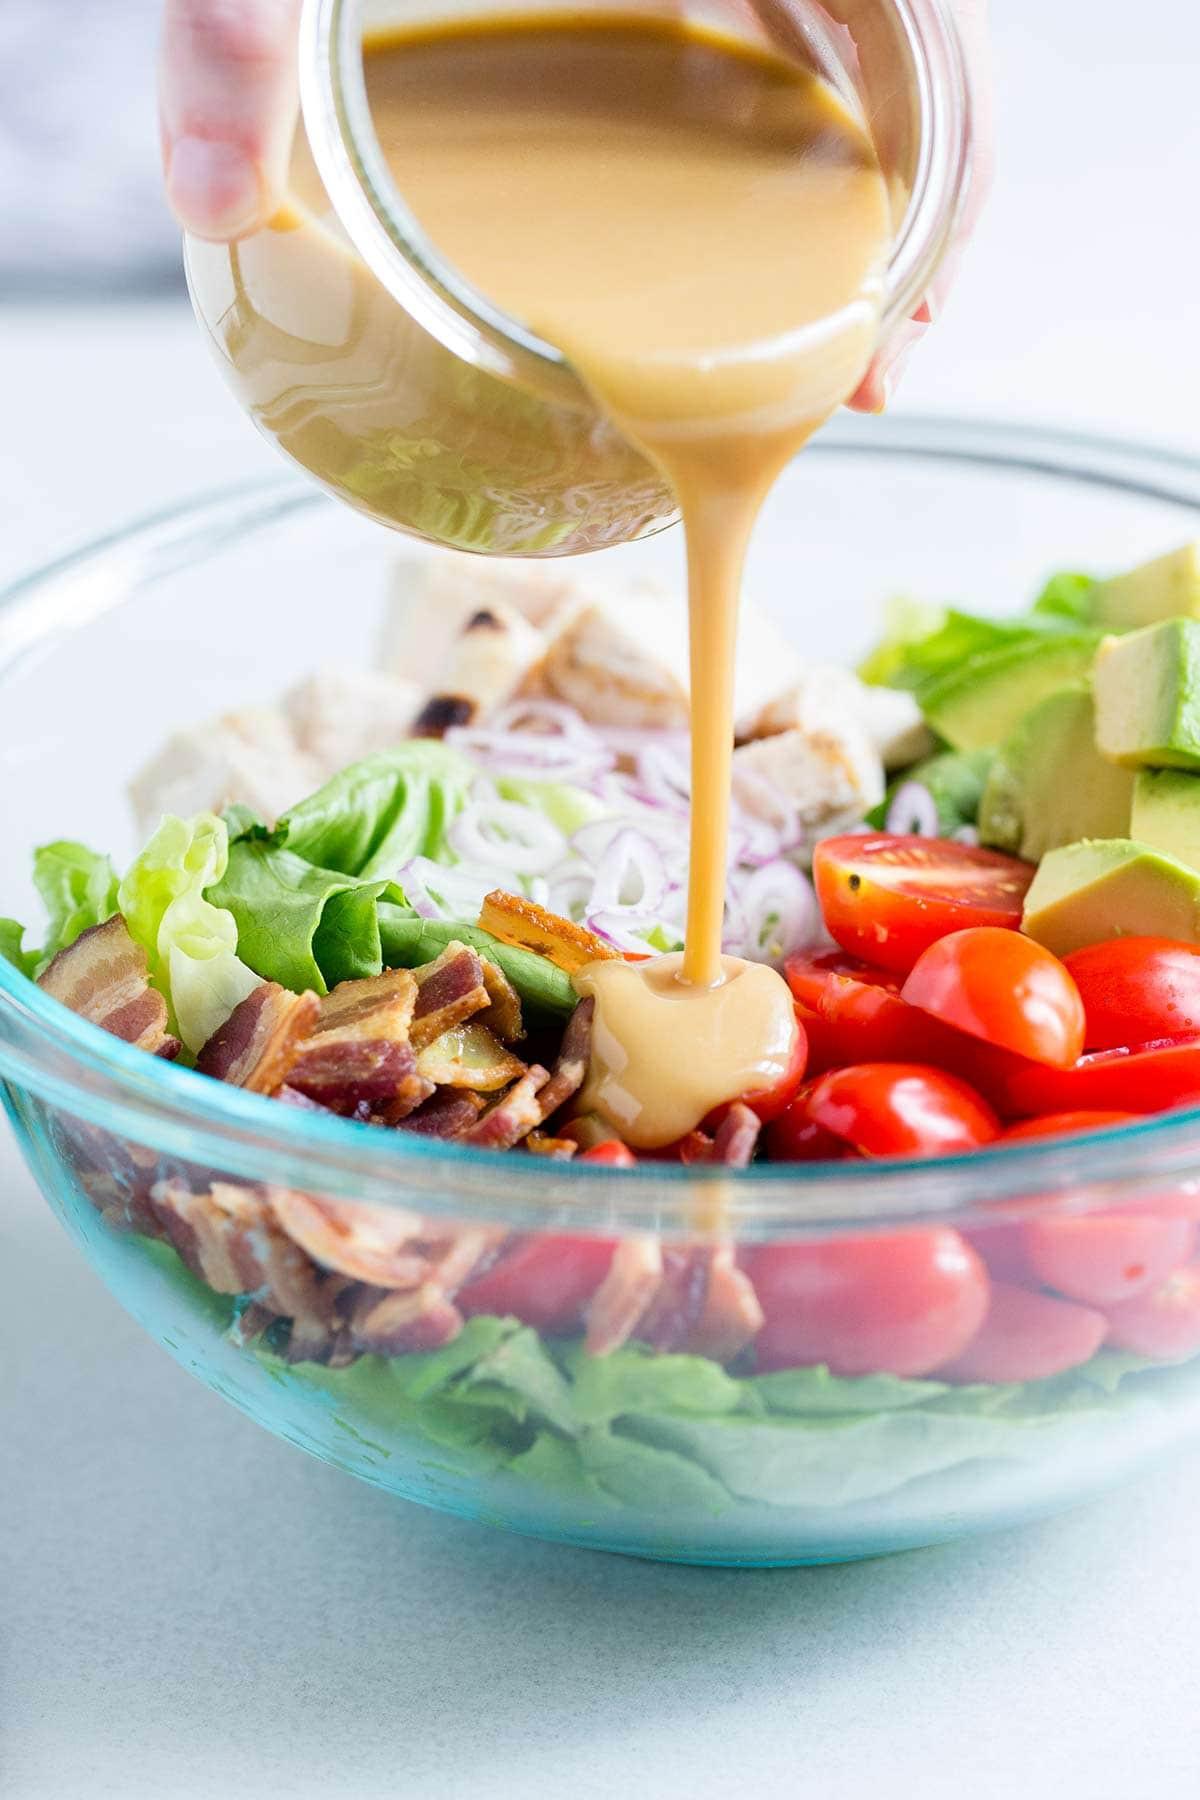 Ăn sạch, giảm cân với salad nhưng nếu cứ mắc những lỗi sau coi chừng phản tác dụng - Ảnh 3.